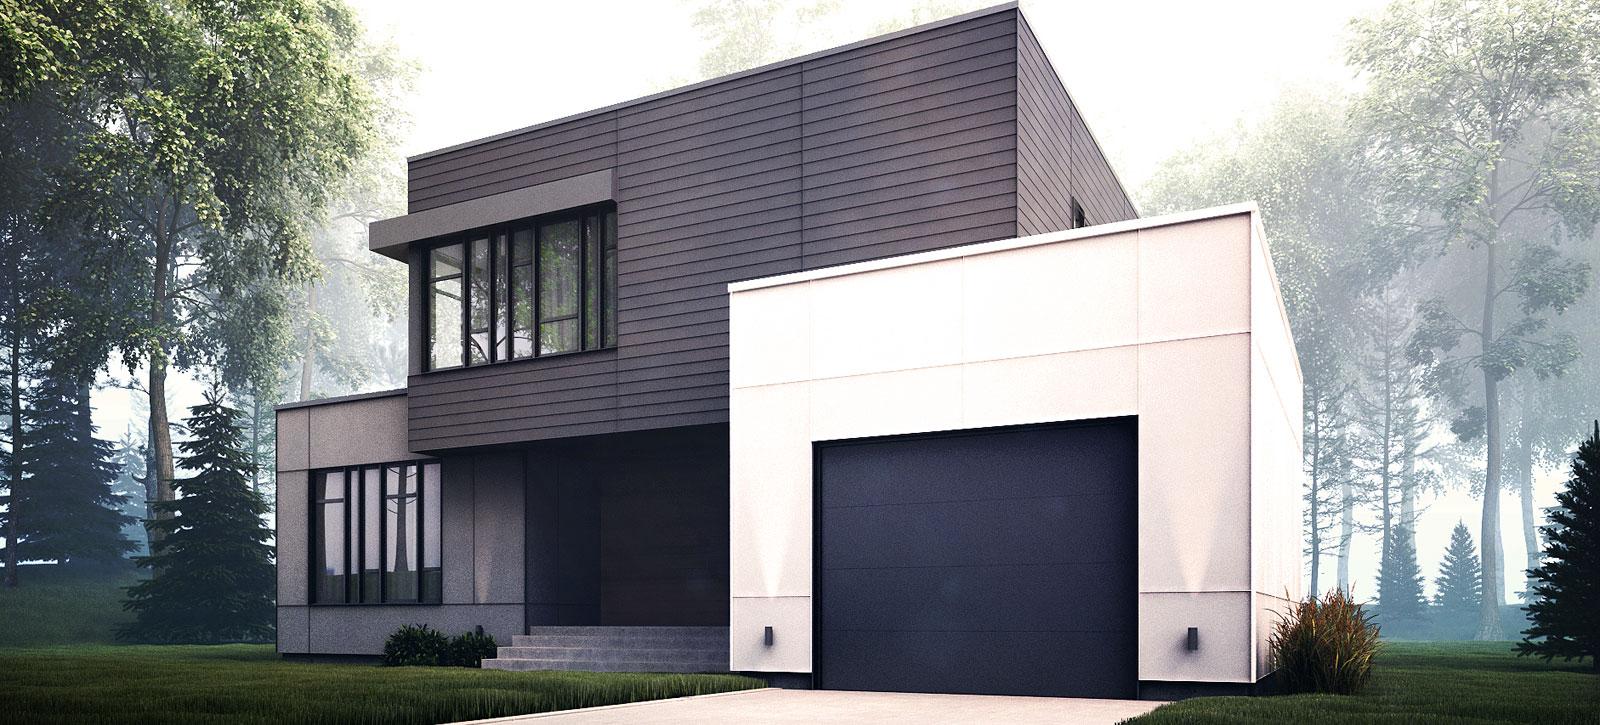 maison moderne rive sud